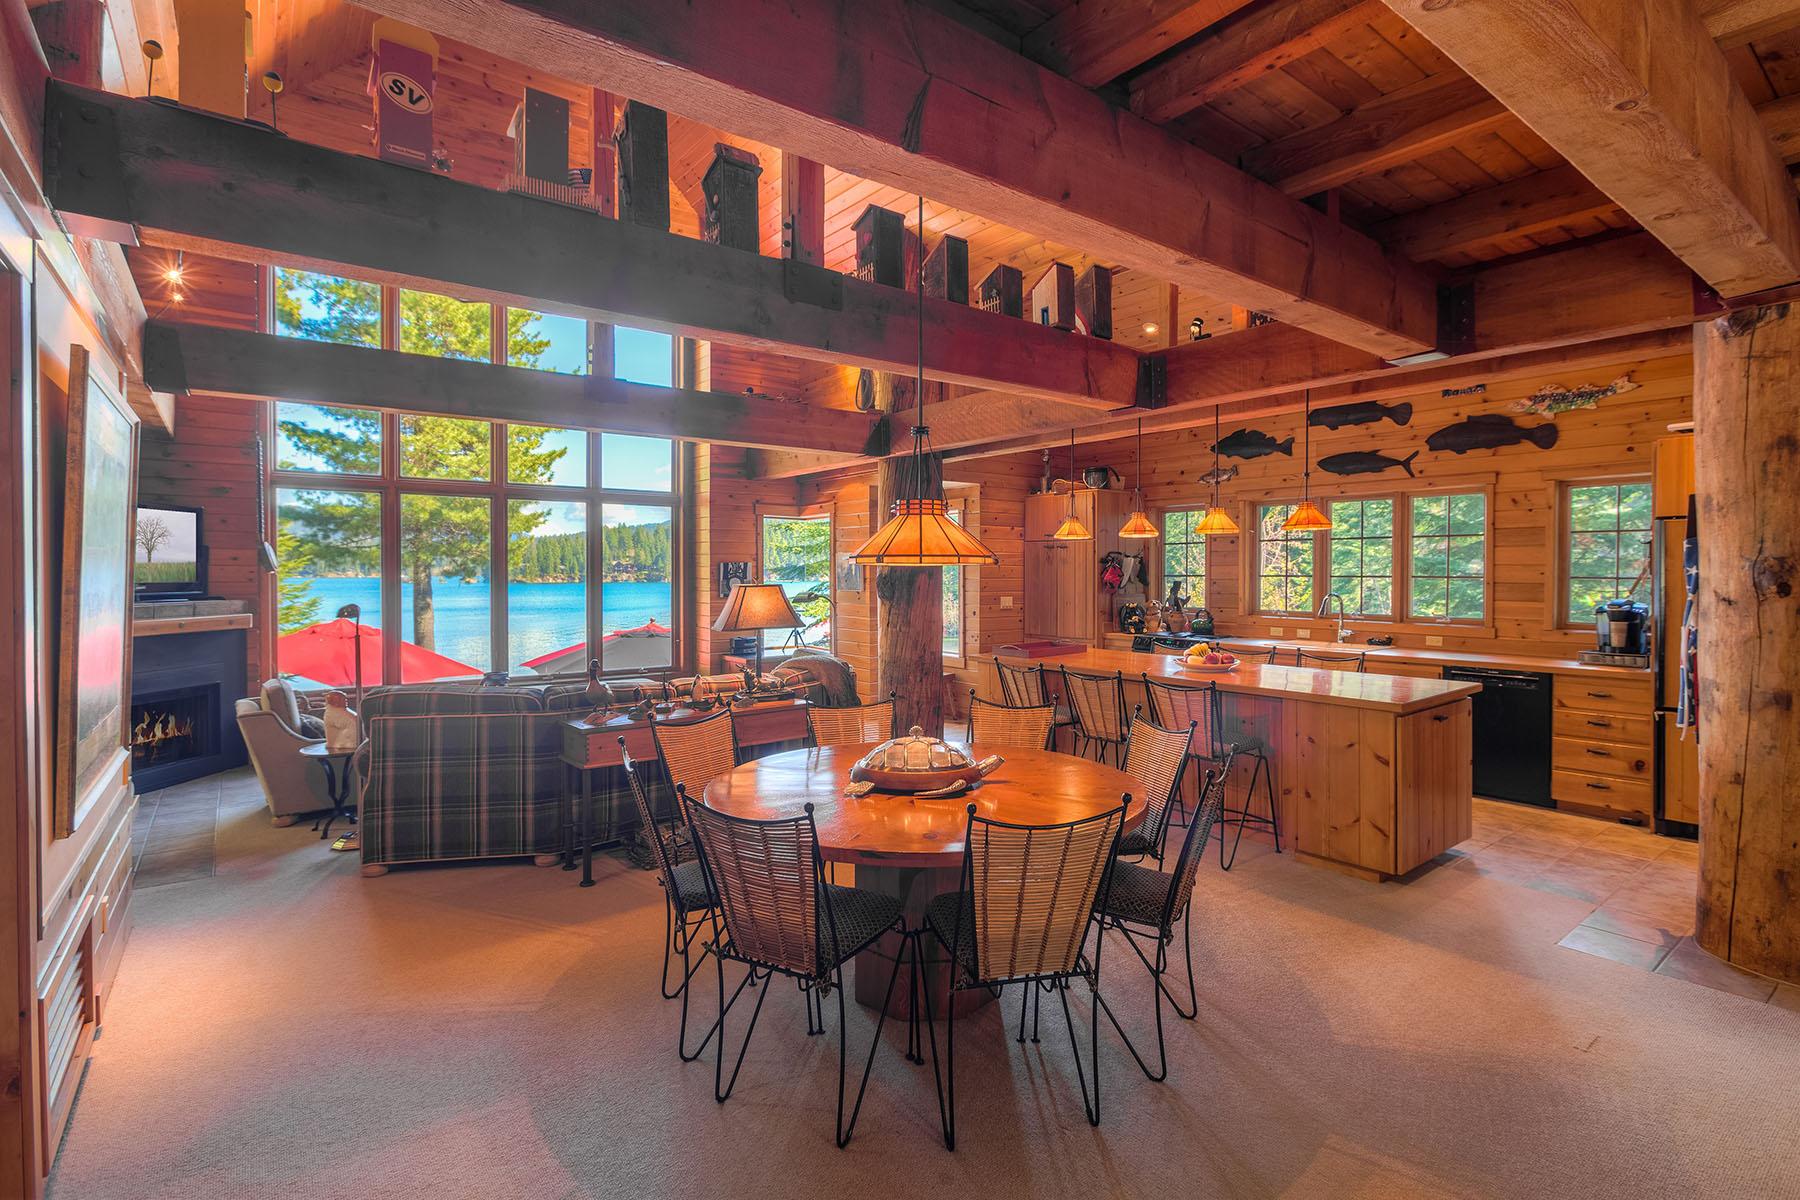 단독 가정 주택 용 매매 에 Multi-Generational Lakefront Estate 7817 E Ripple Rd Hayden, 아이다호, 83835 미국